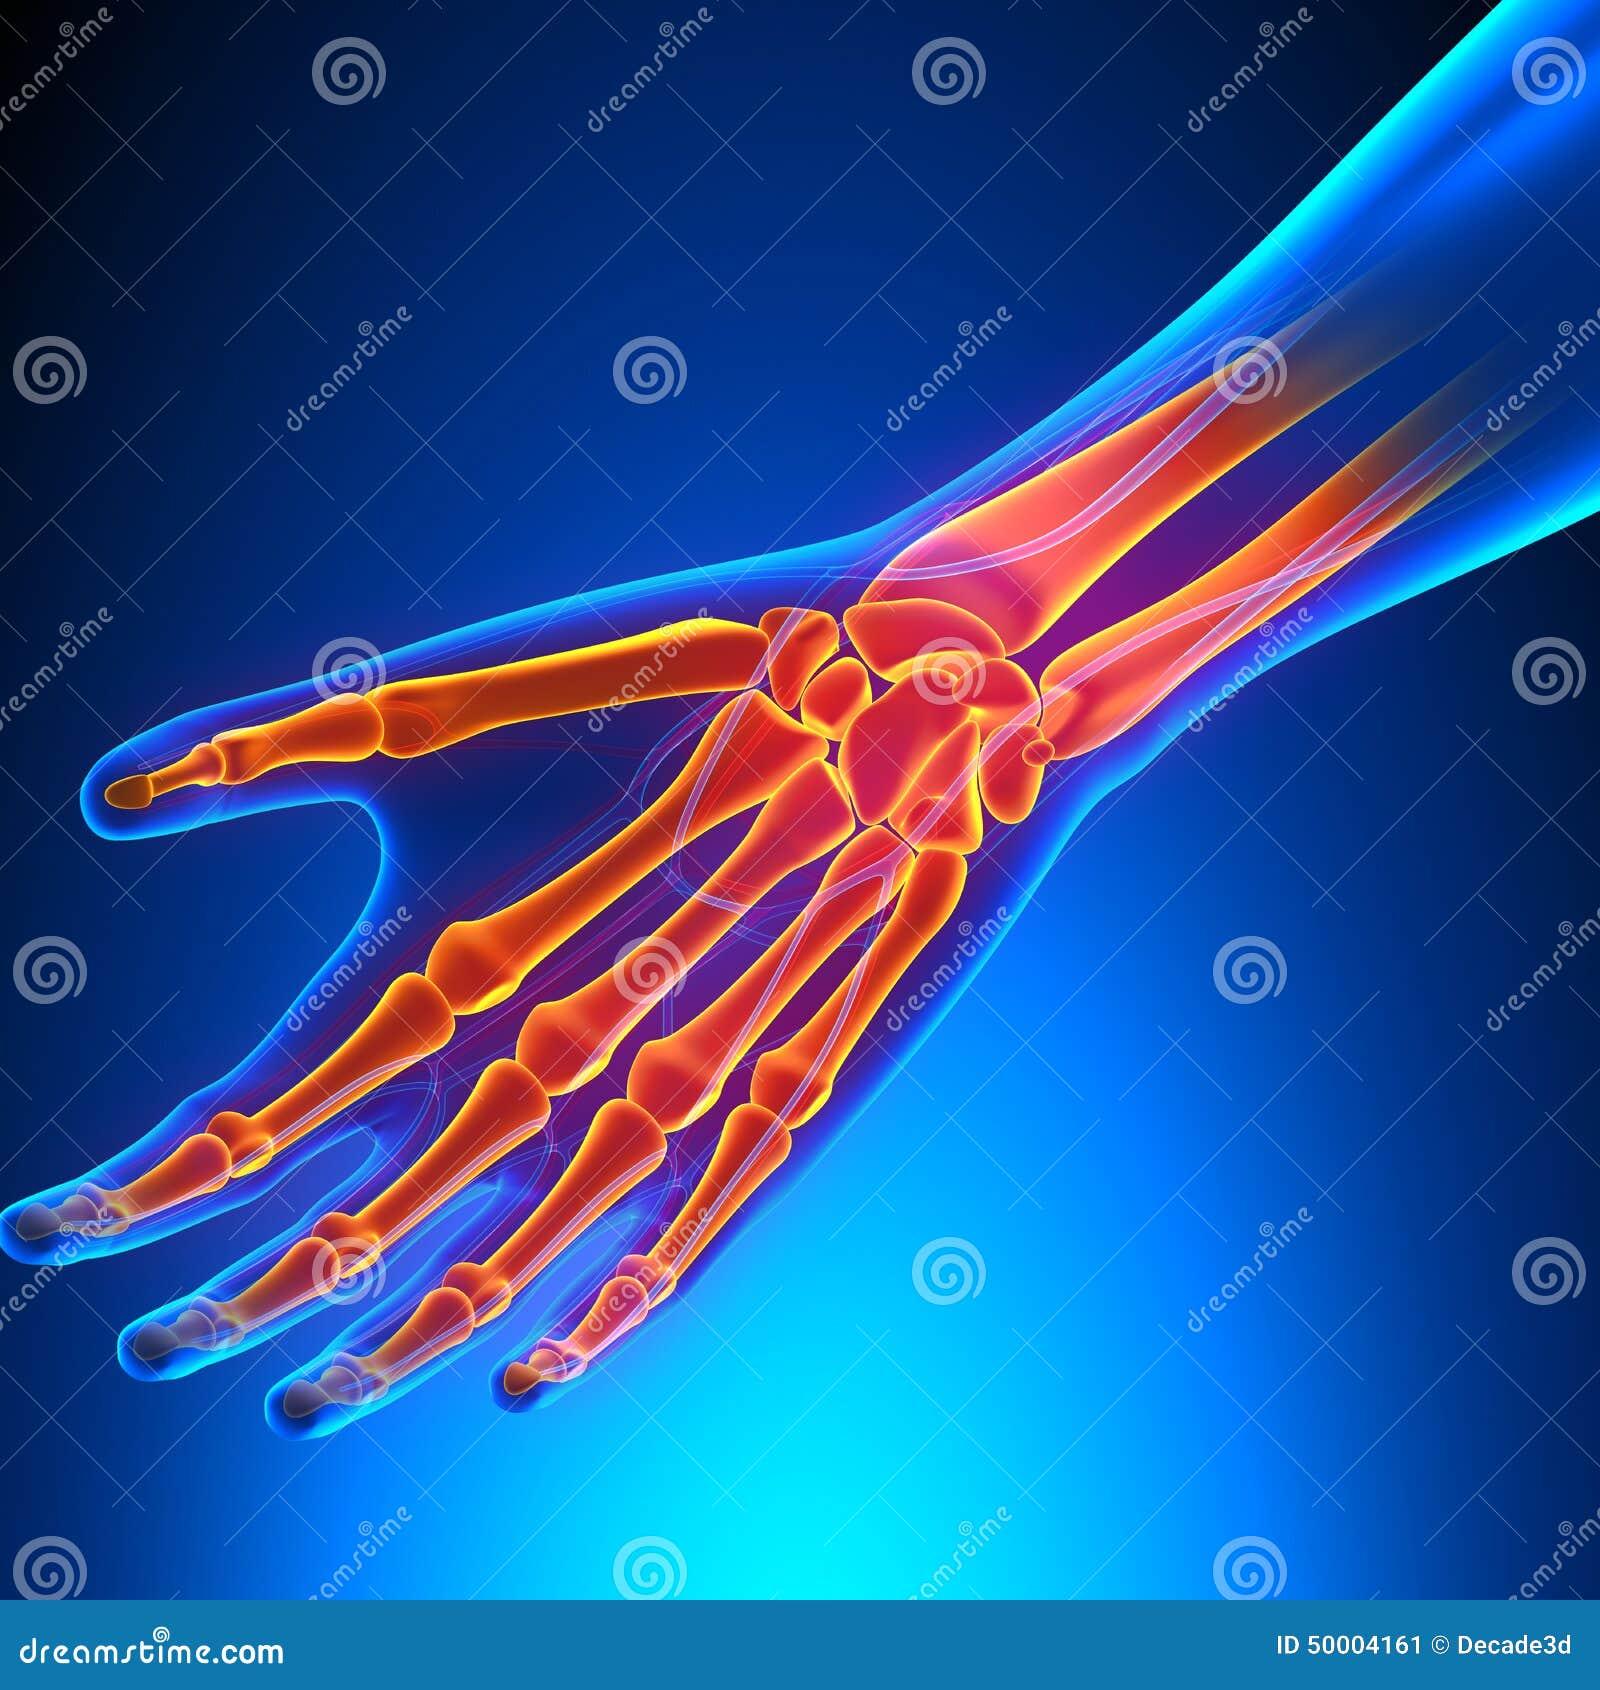 Handgelenk-Anatomie Mit Kreislaufsystem Stock Abbildung ...